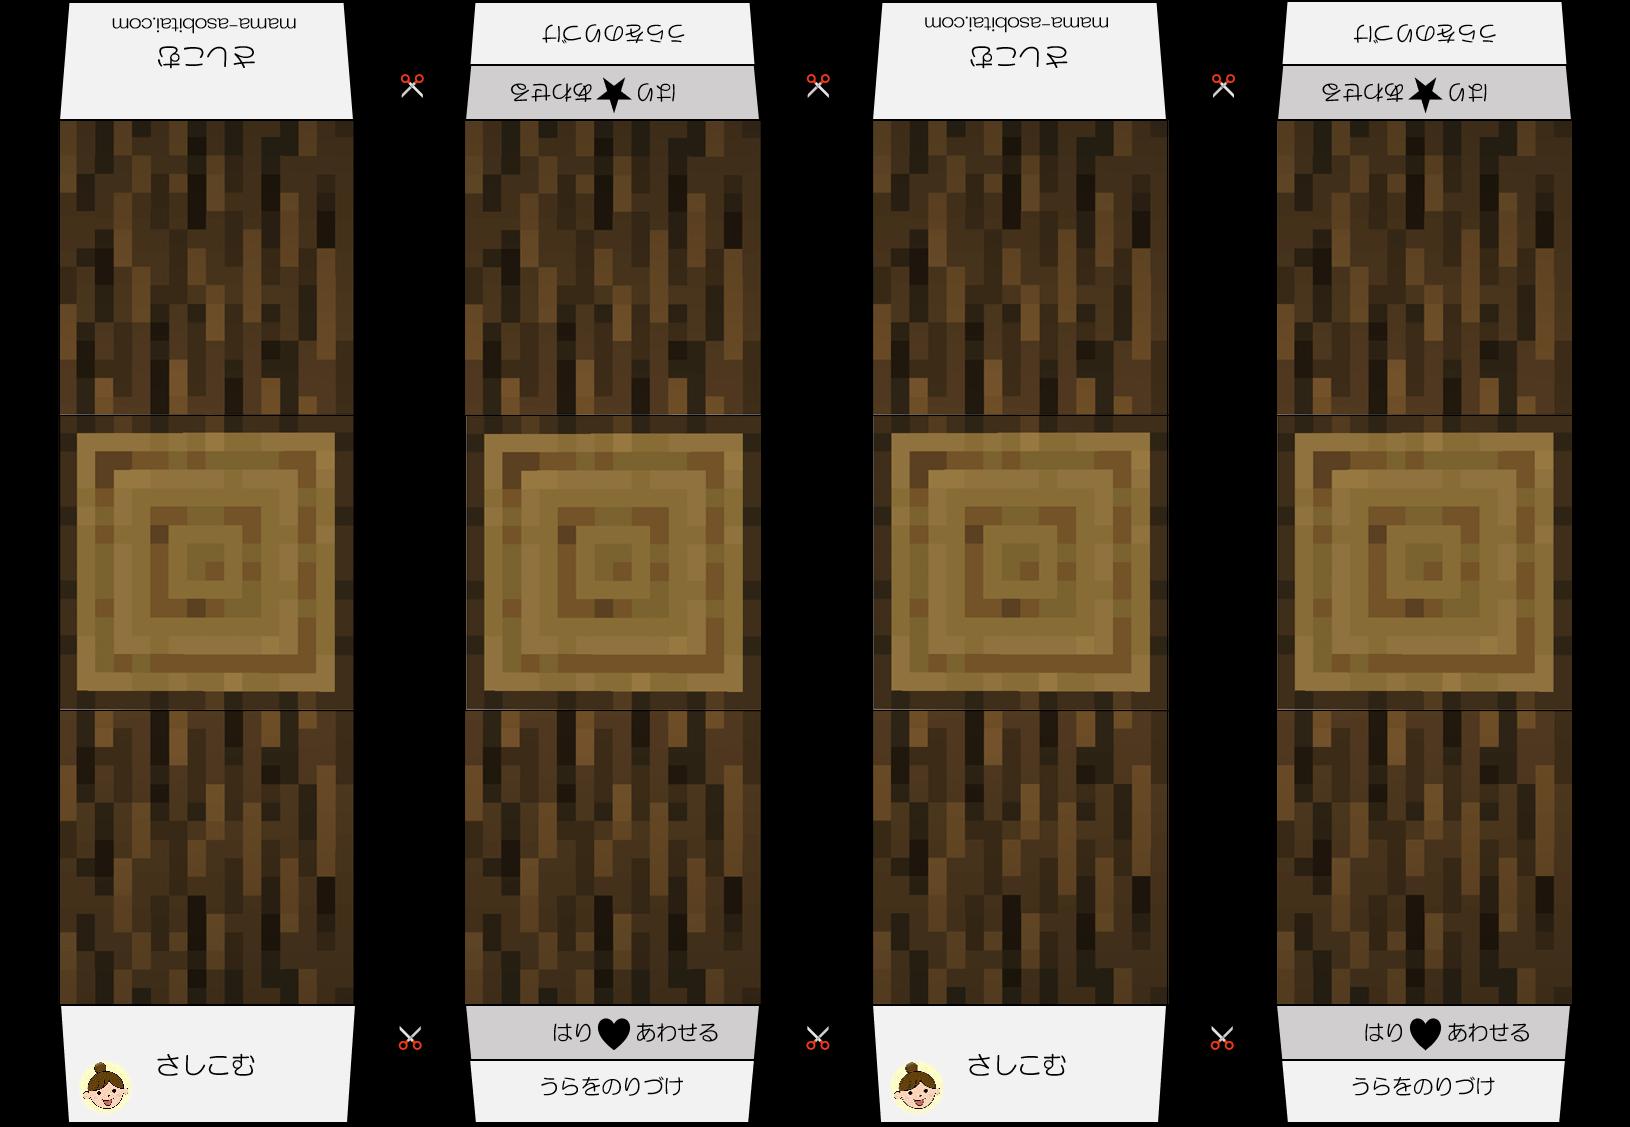 ペーパークラフト 工作 マイクラ 樫の丸太 Oak Log